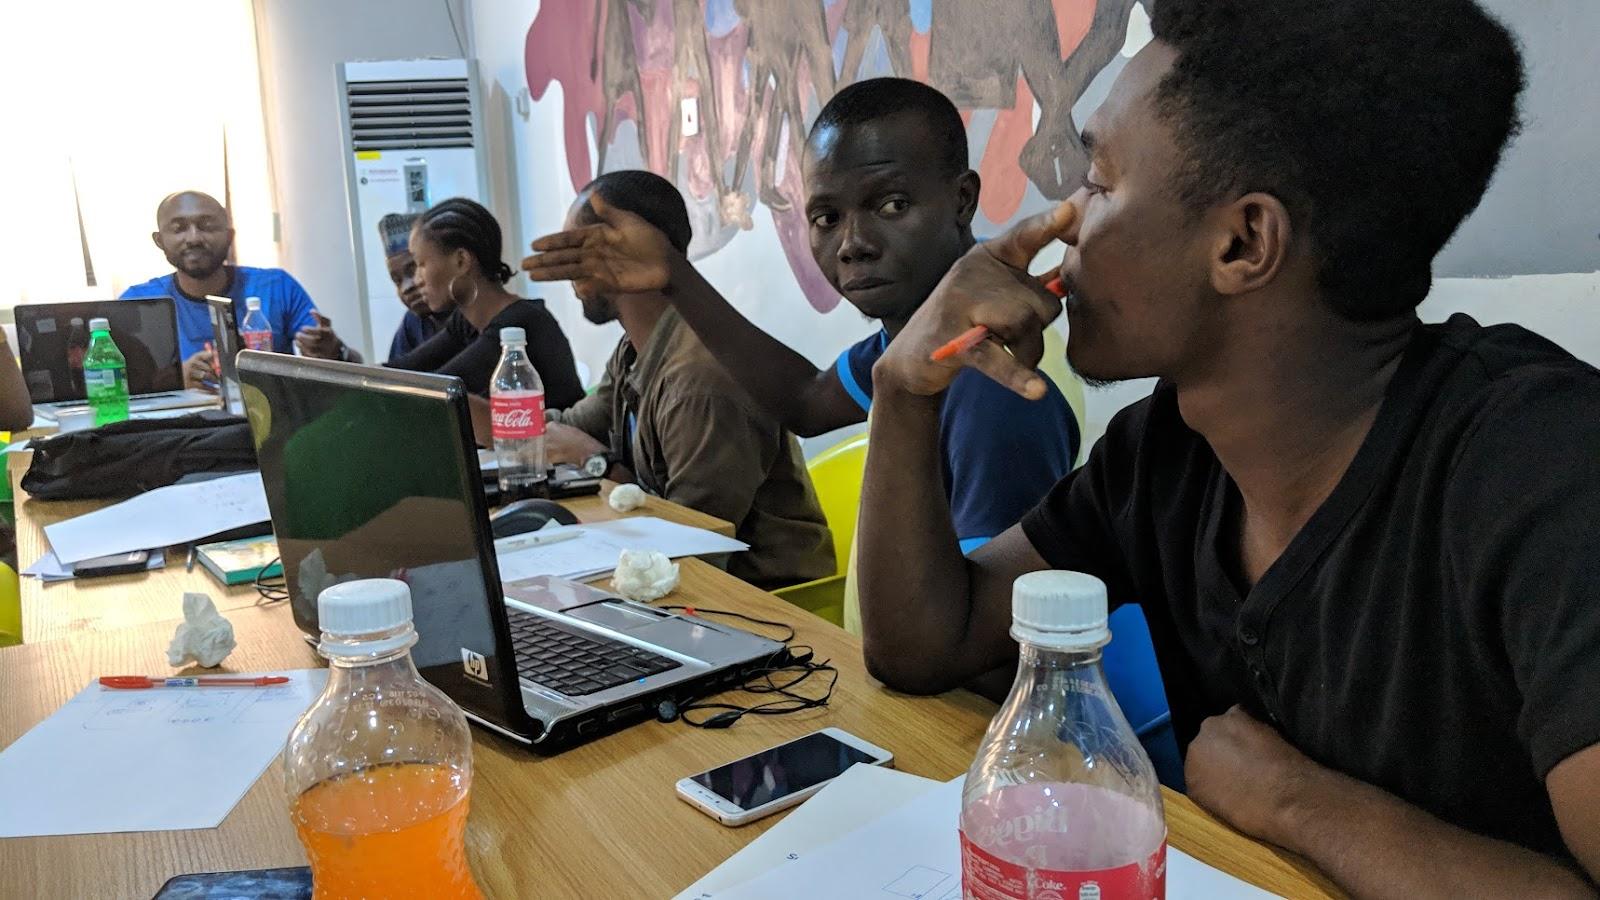 figma africa design education